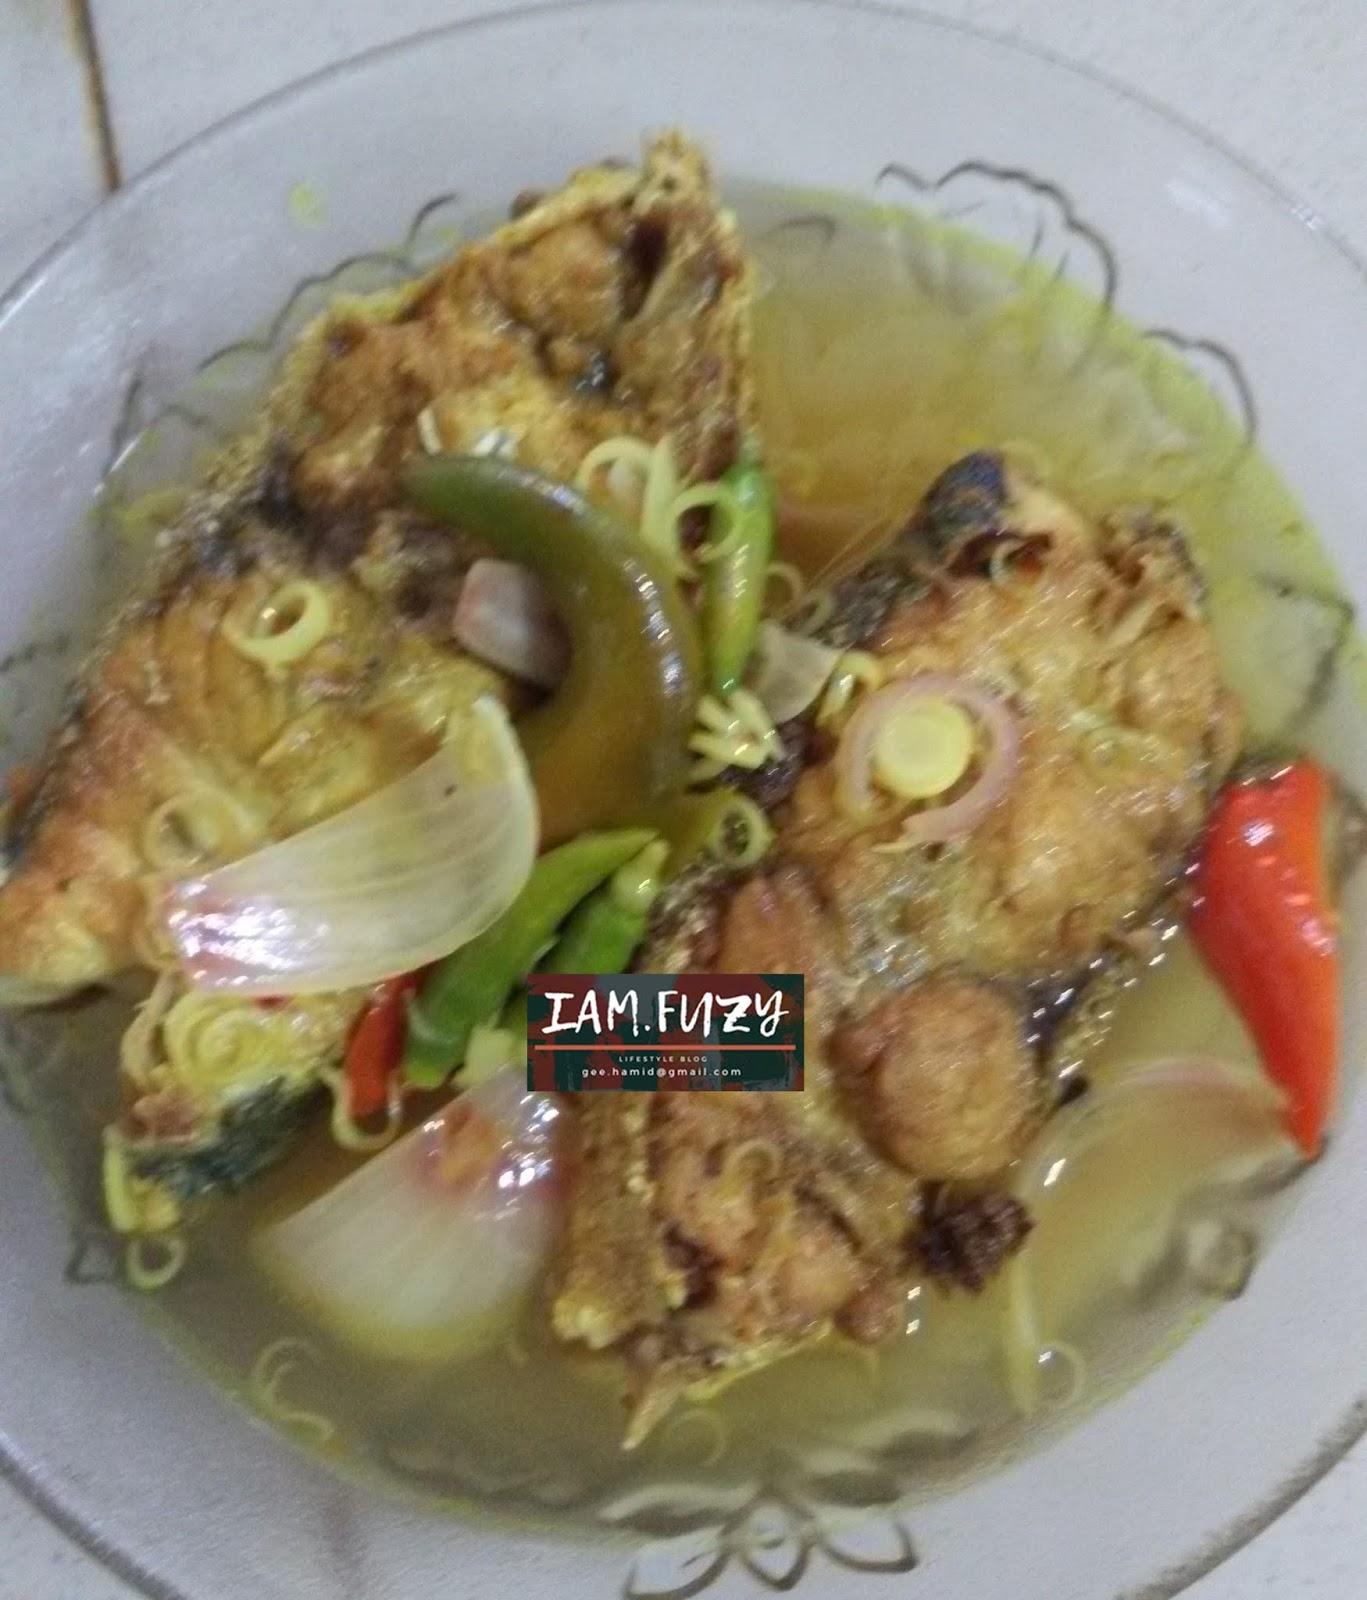 resepi ikan mudah masak  sedap  memikat selera ahli keluarga cahaya hayati Resepi Singgang Ikan Belanak Enak dan Mudah